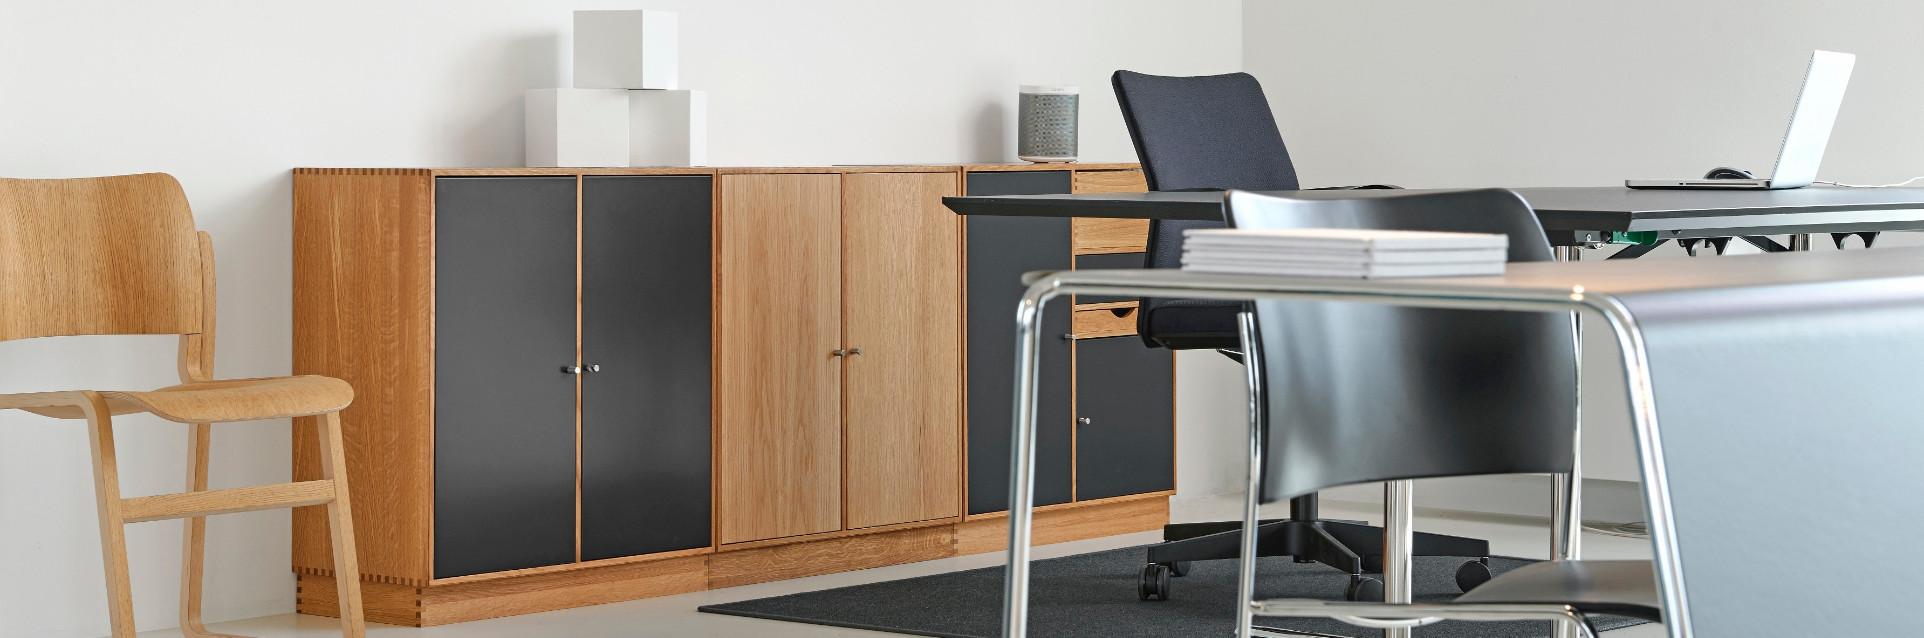 Специализированная мебель